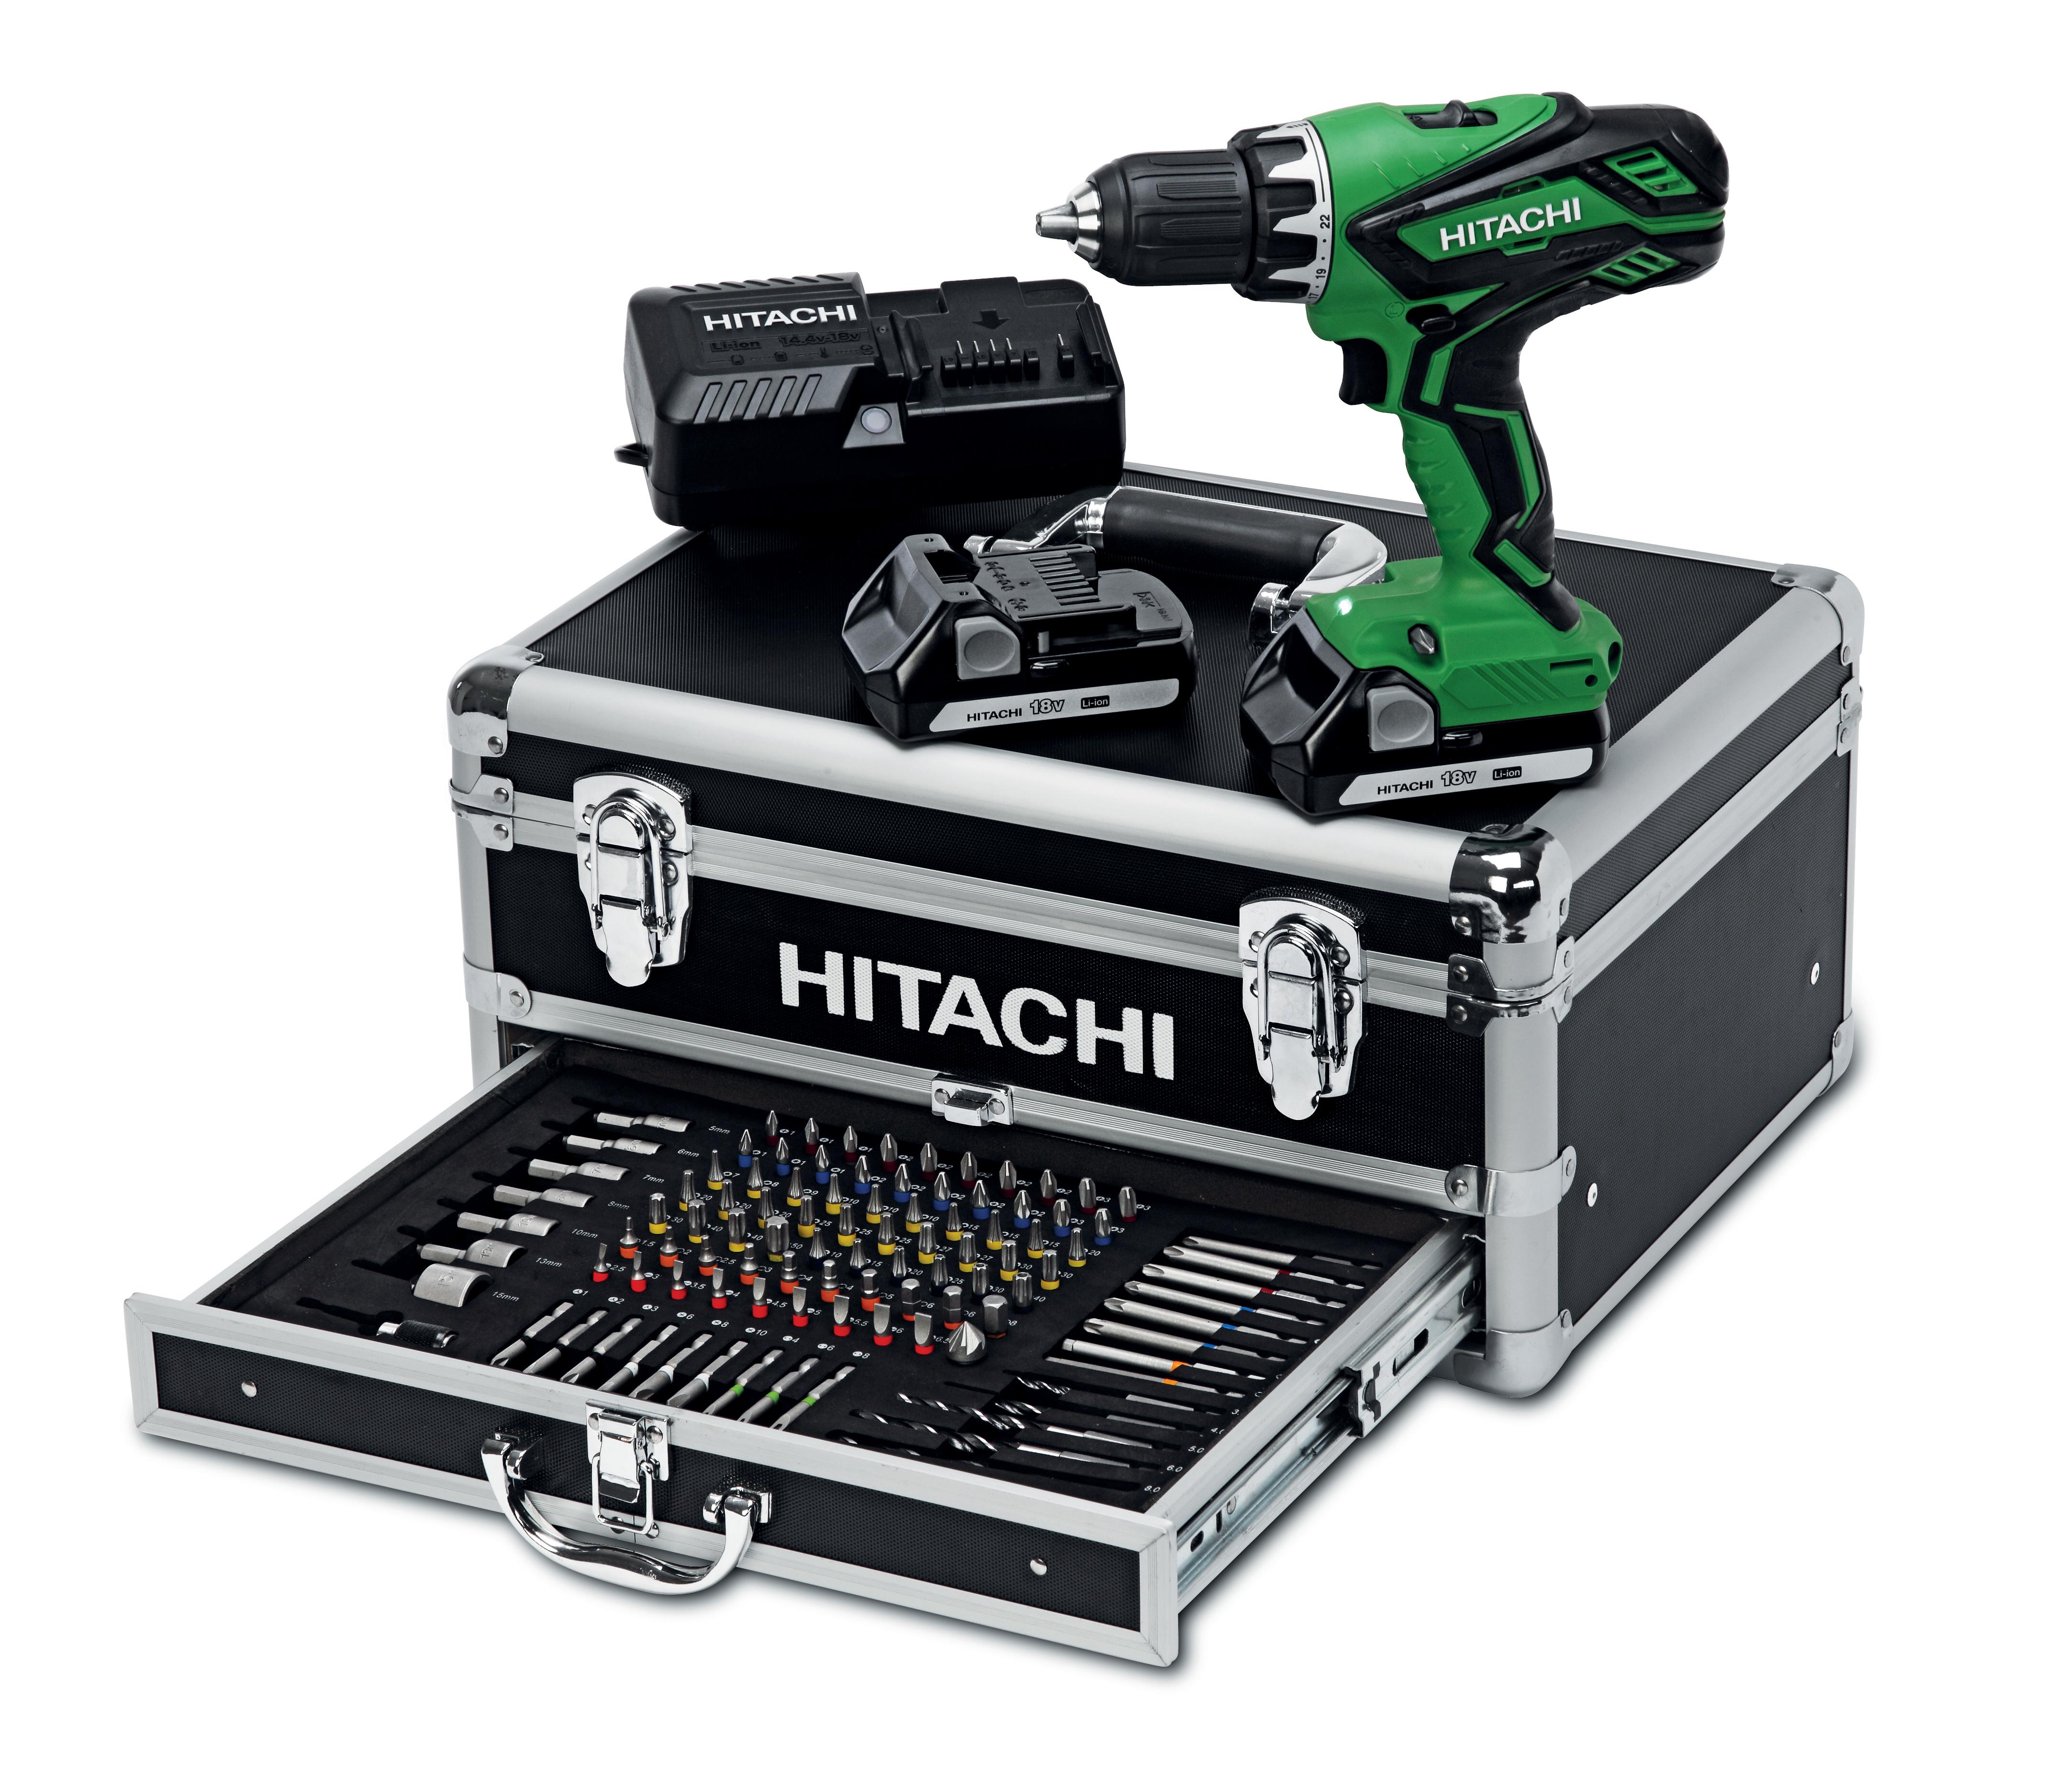 Fräscha Hitachi - Köp på Maskinklippet.se RD-86